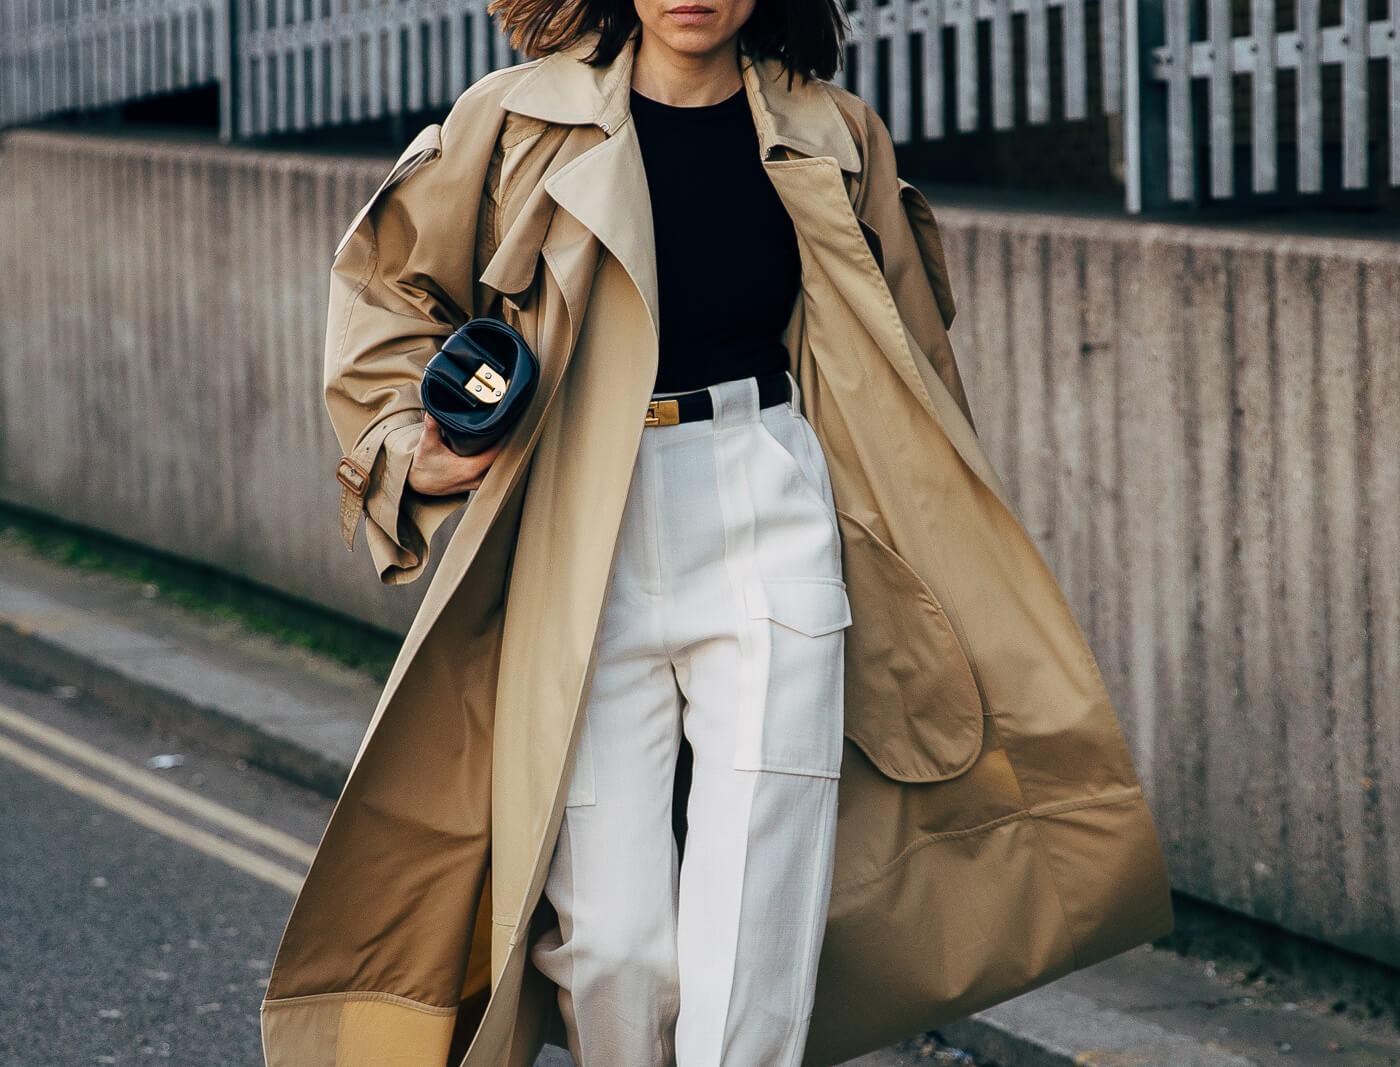 woman wearing jacket